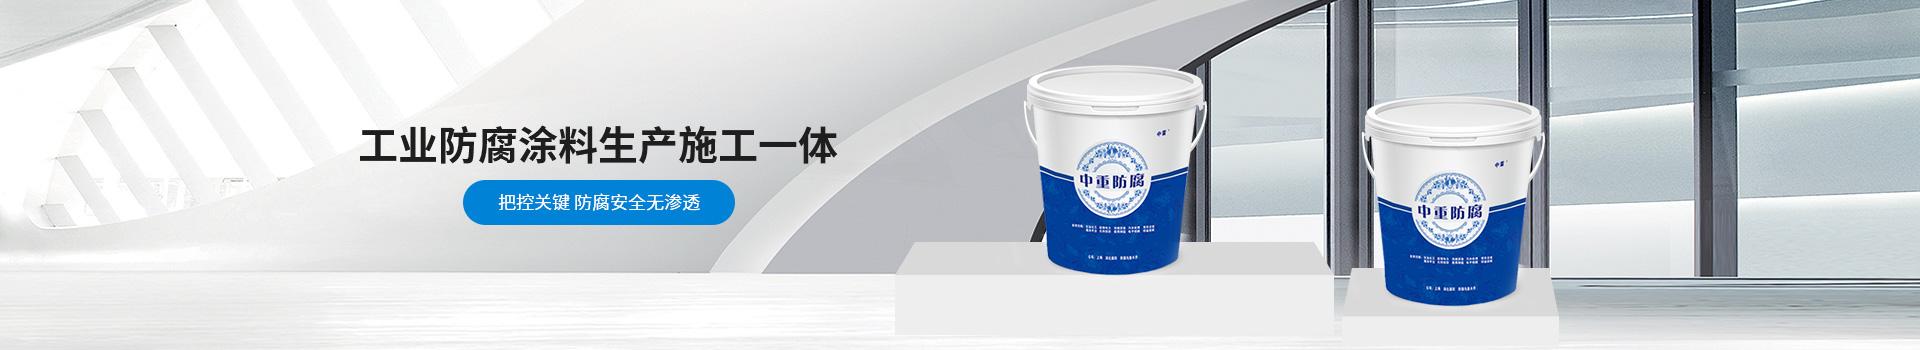 天路凯得丽工业防腐涂料生产施工一体